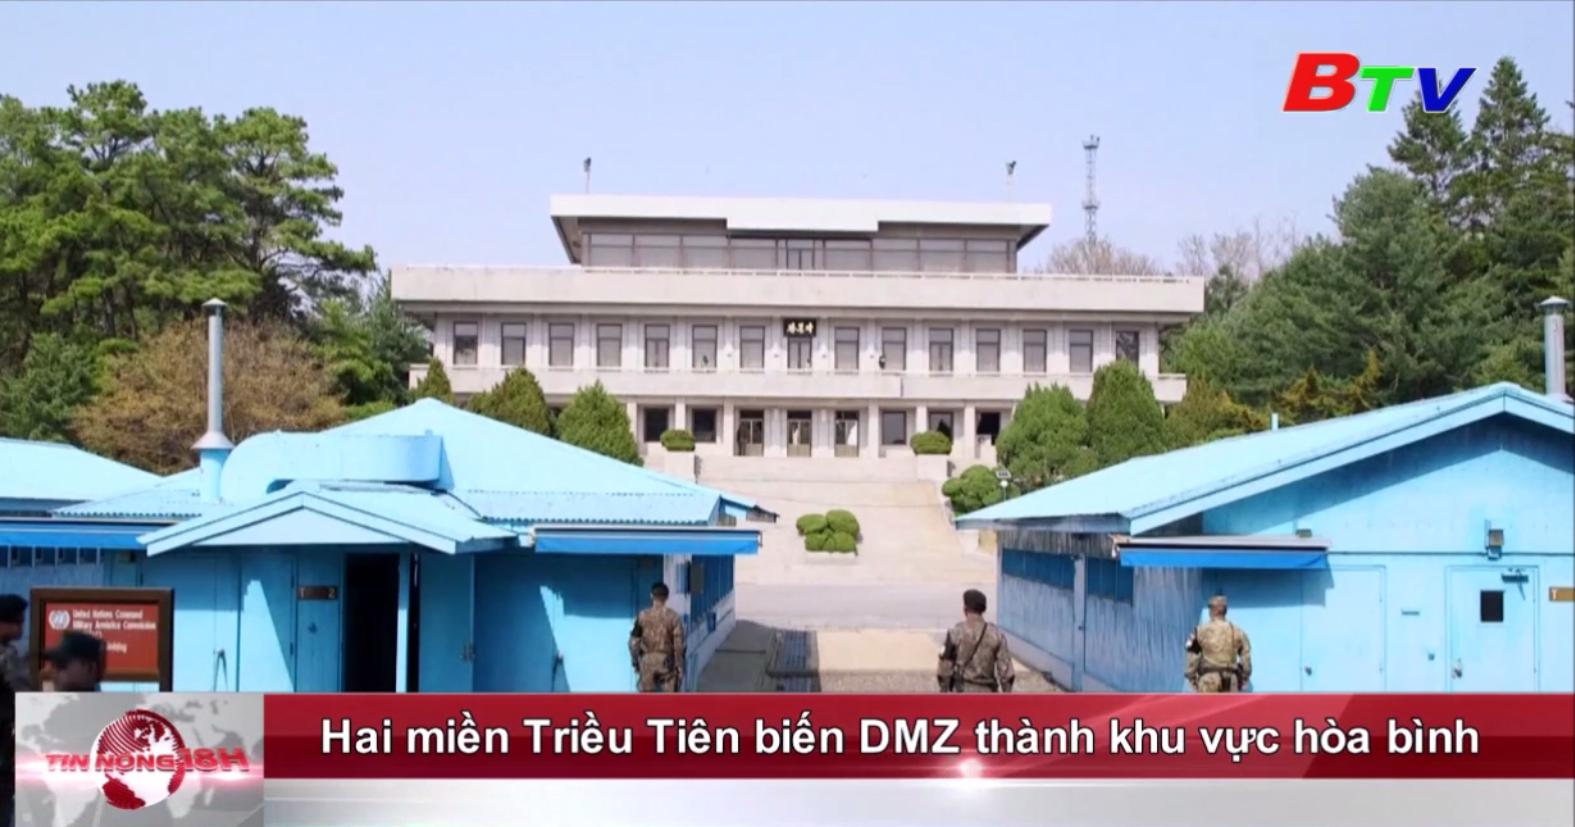 Hai miền Triều Tiên biến DMZ thành khu vực hòa bình